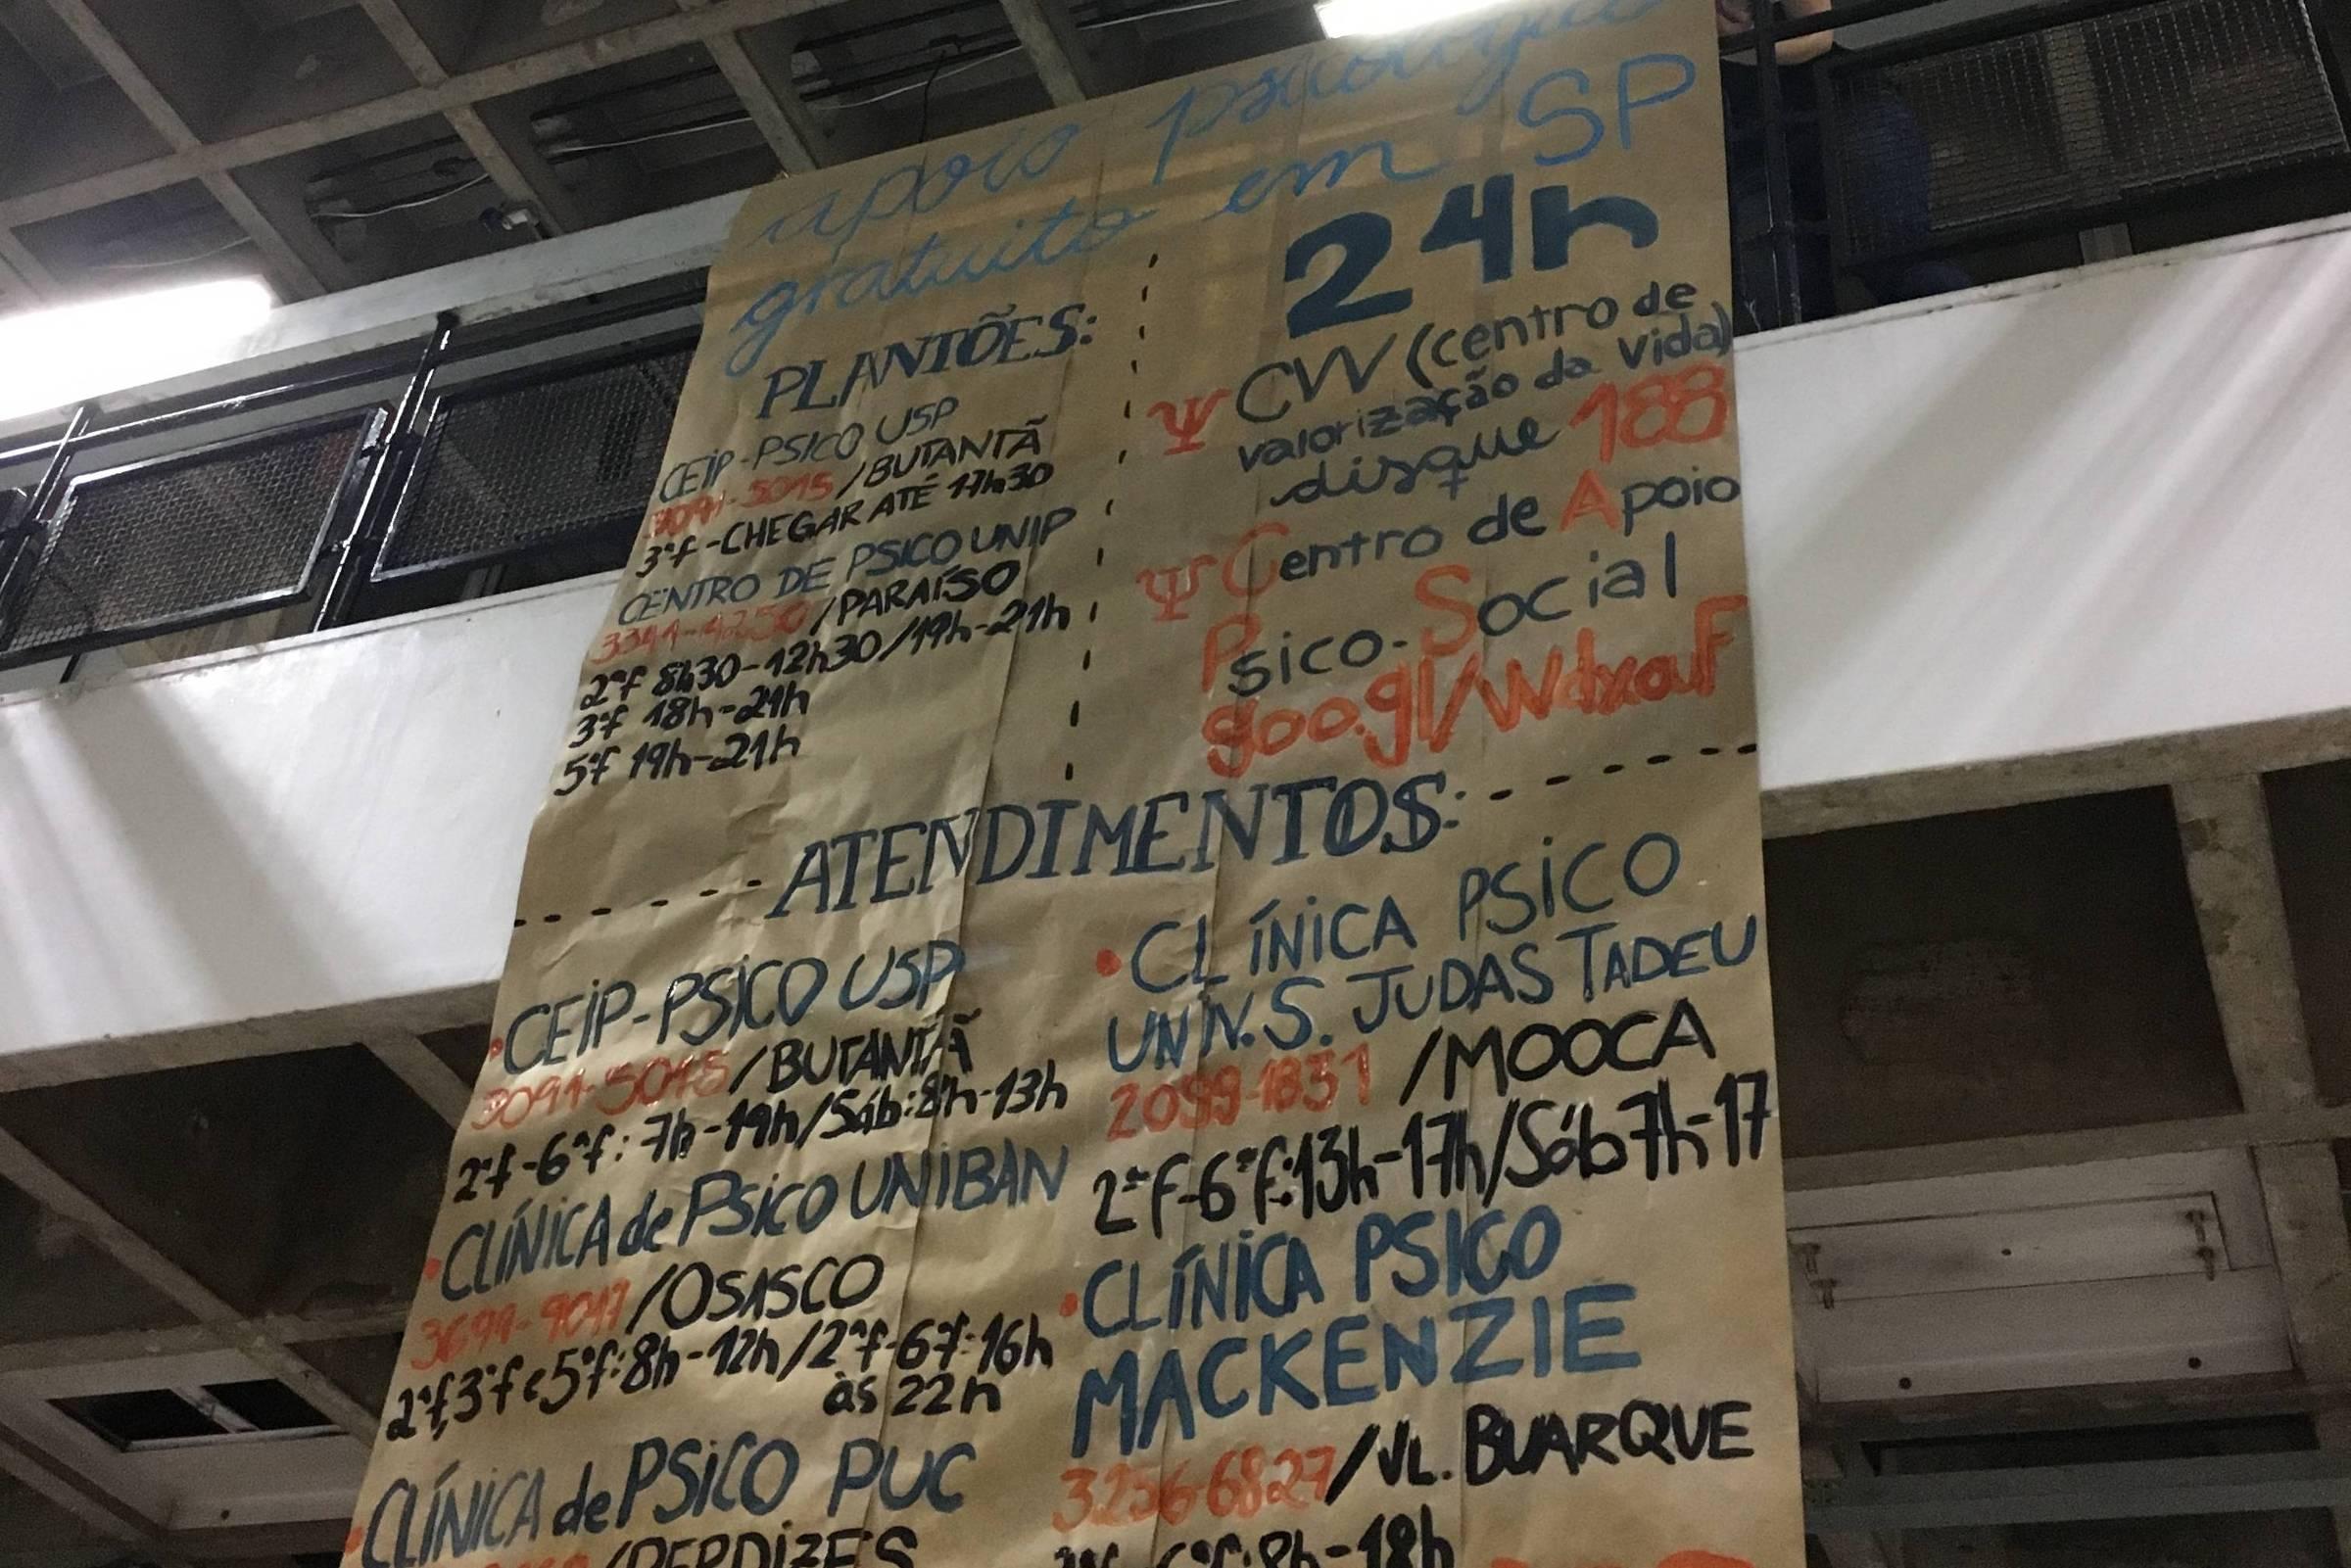 Cartaz de papel craft marron pendurado do primeiro andar da faculdade de ciências sociais da USP mostra, em letras coloridas pintadas com tinta guache, uma lista de serviços de saúde mental e prevenção ao suicídio disponíveis gratuitamente para estudantes